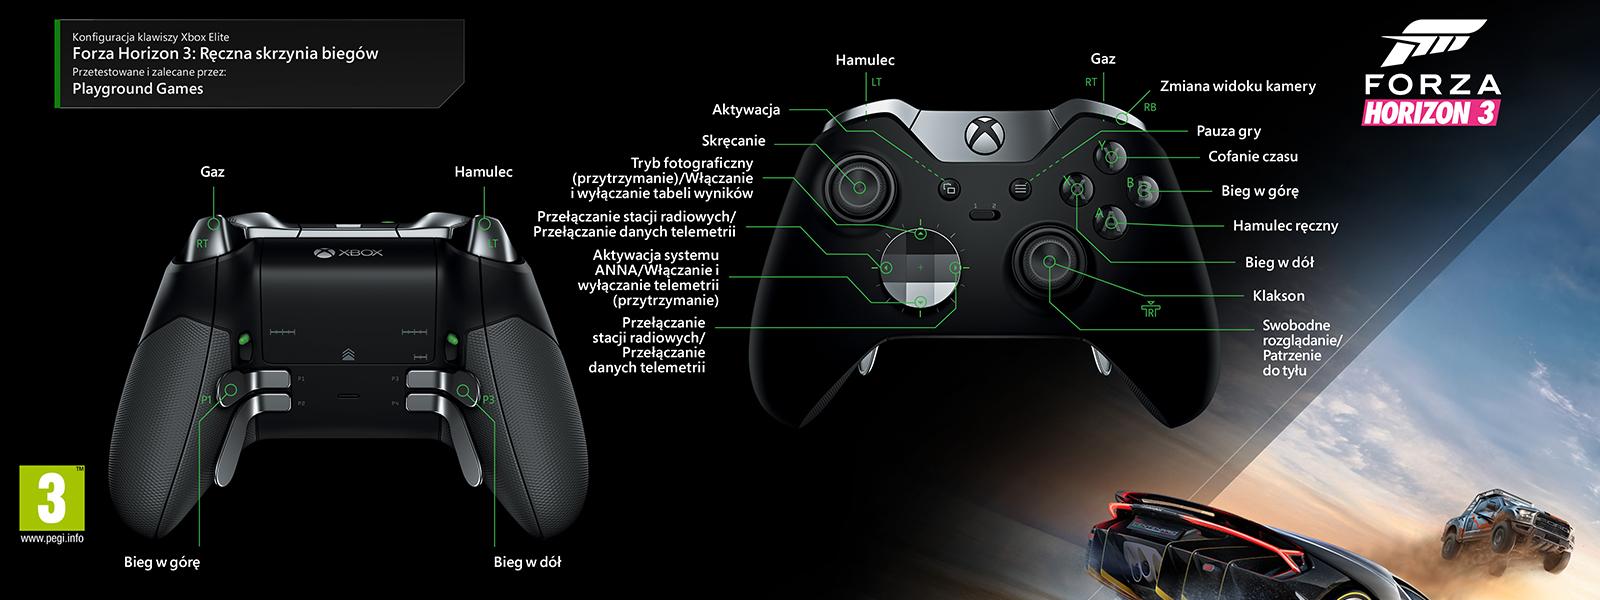 Forza Horizon 3 – mapowanie Elite pod kątem ręcznej zmiany biegów